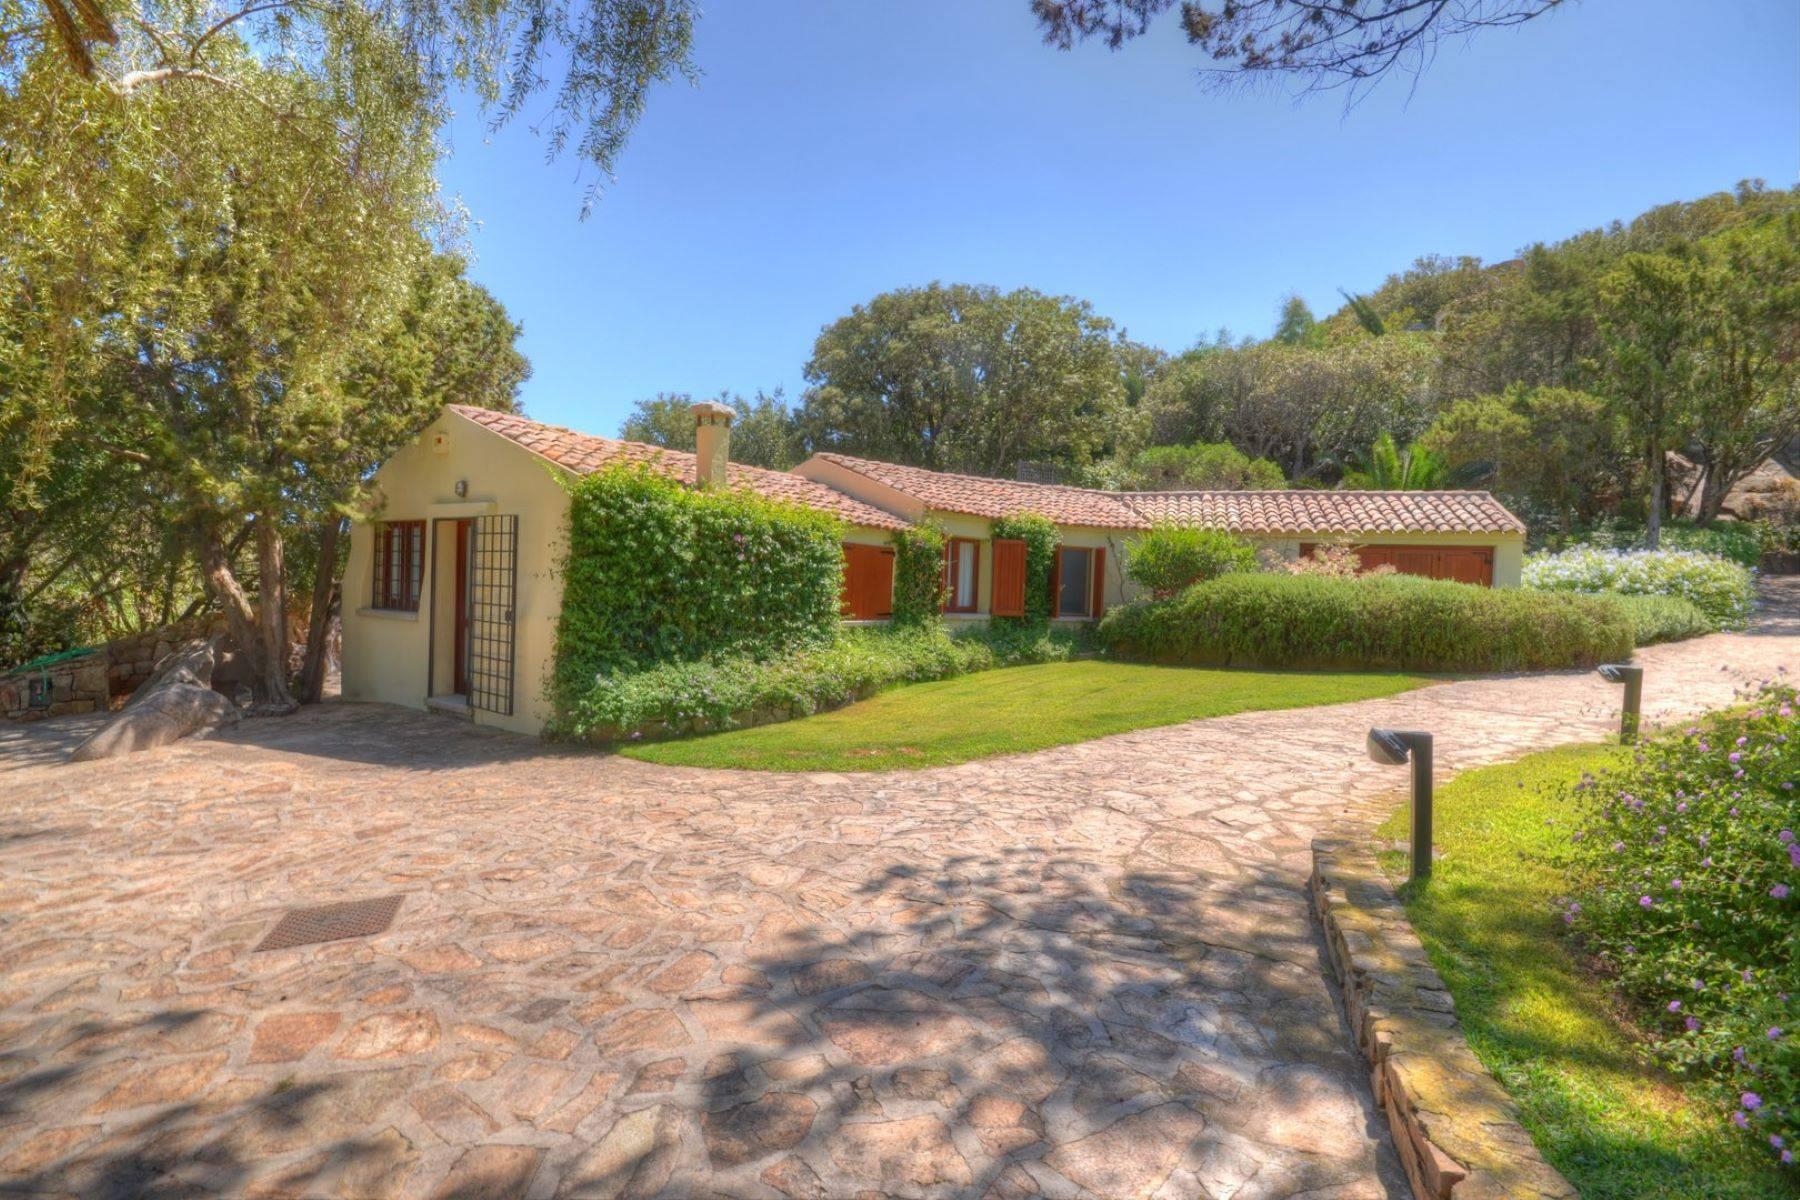 Villa in Vendita a Olbia: 5 locali, 450 mq - Foto 17